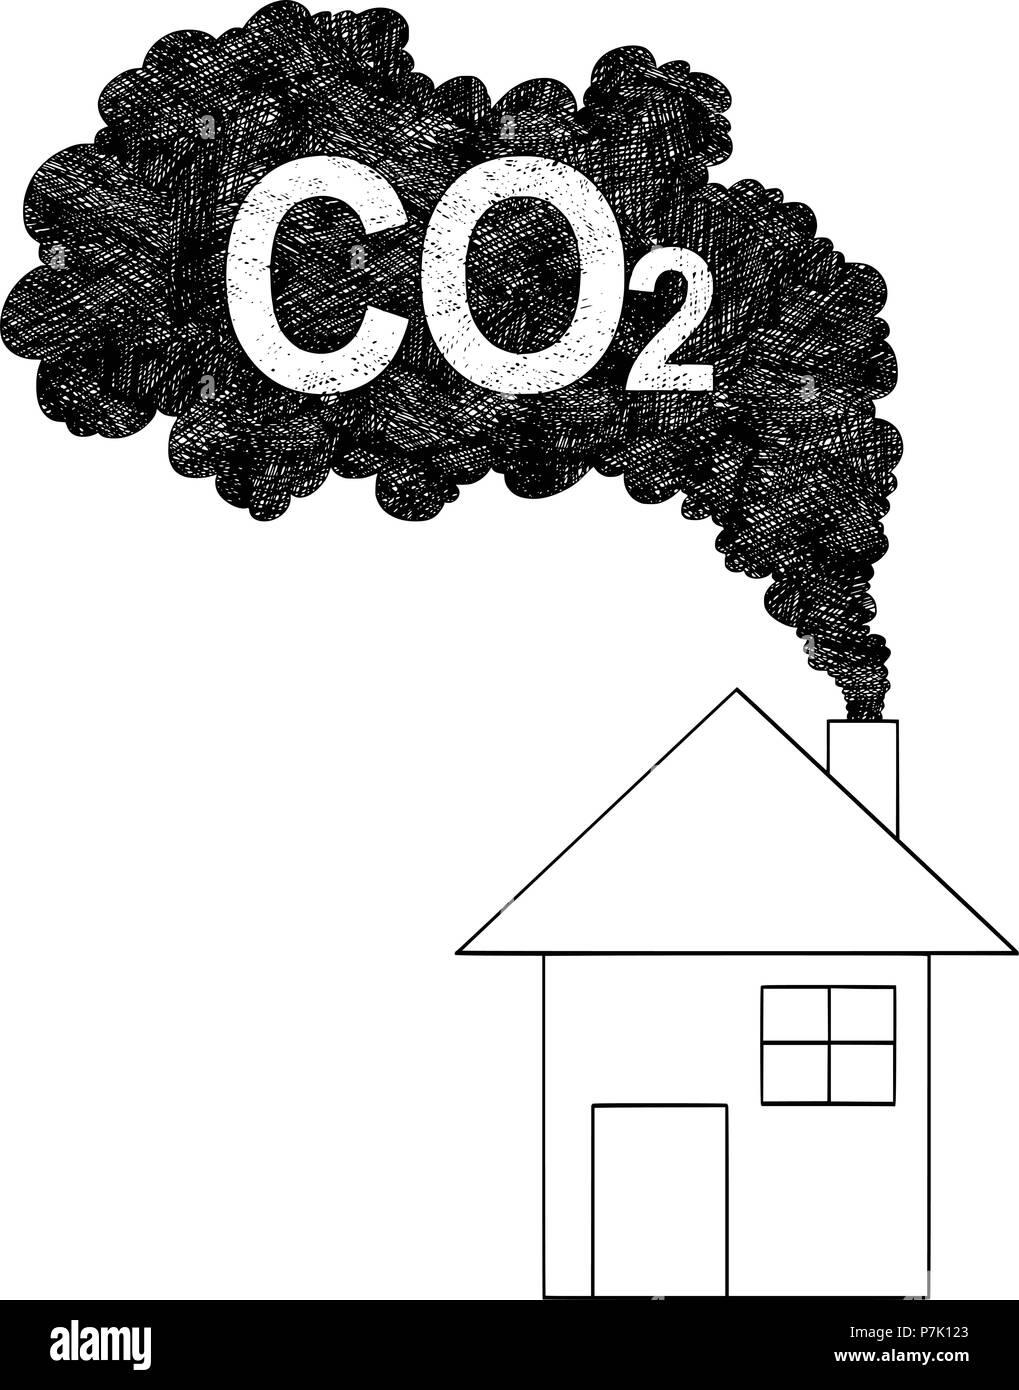 Vettore di disegno artistico illustrazione di fumo proveniente dal camino di casa, biossido di carbonio o CO2 Inquinamento atmosferico concetto Immagini Stock